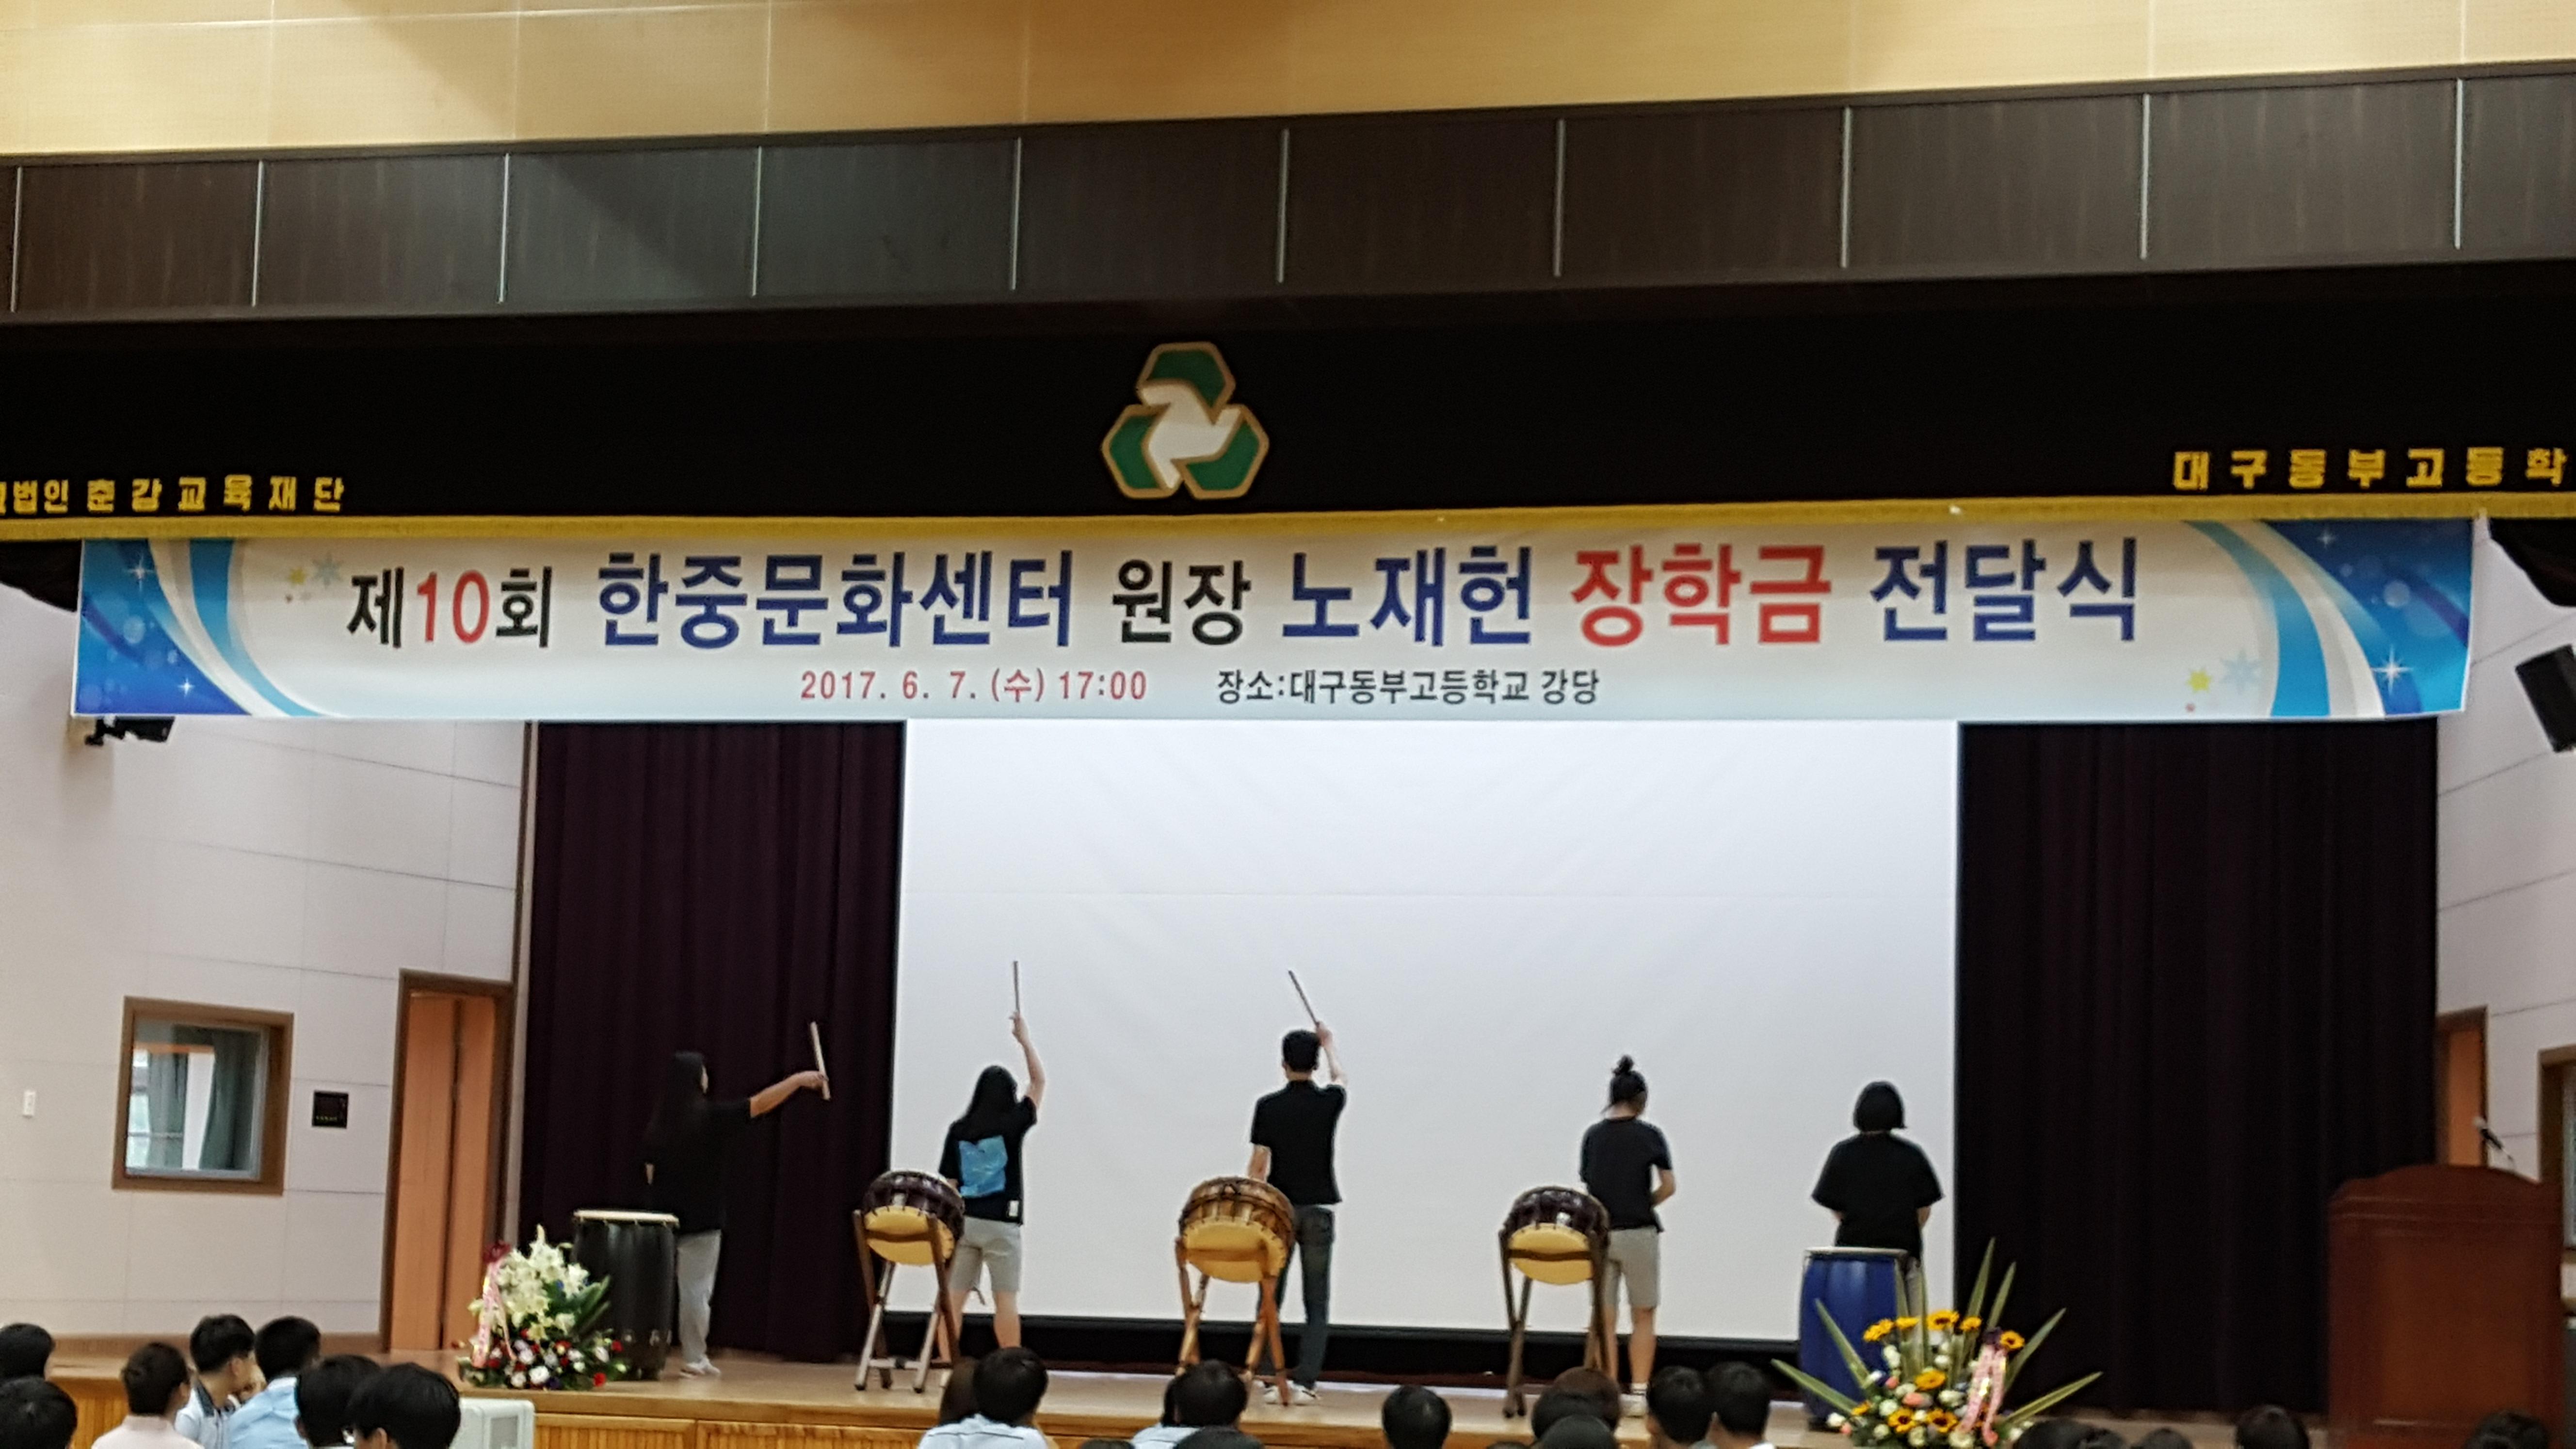 제10회 장학금행사_축하공연